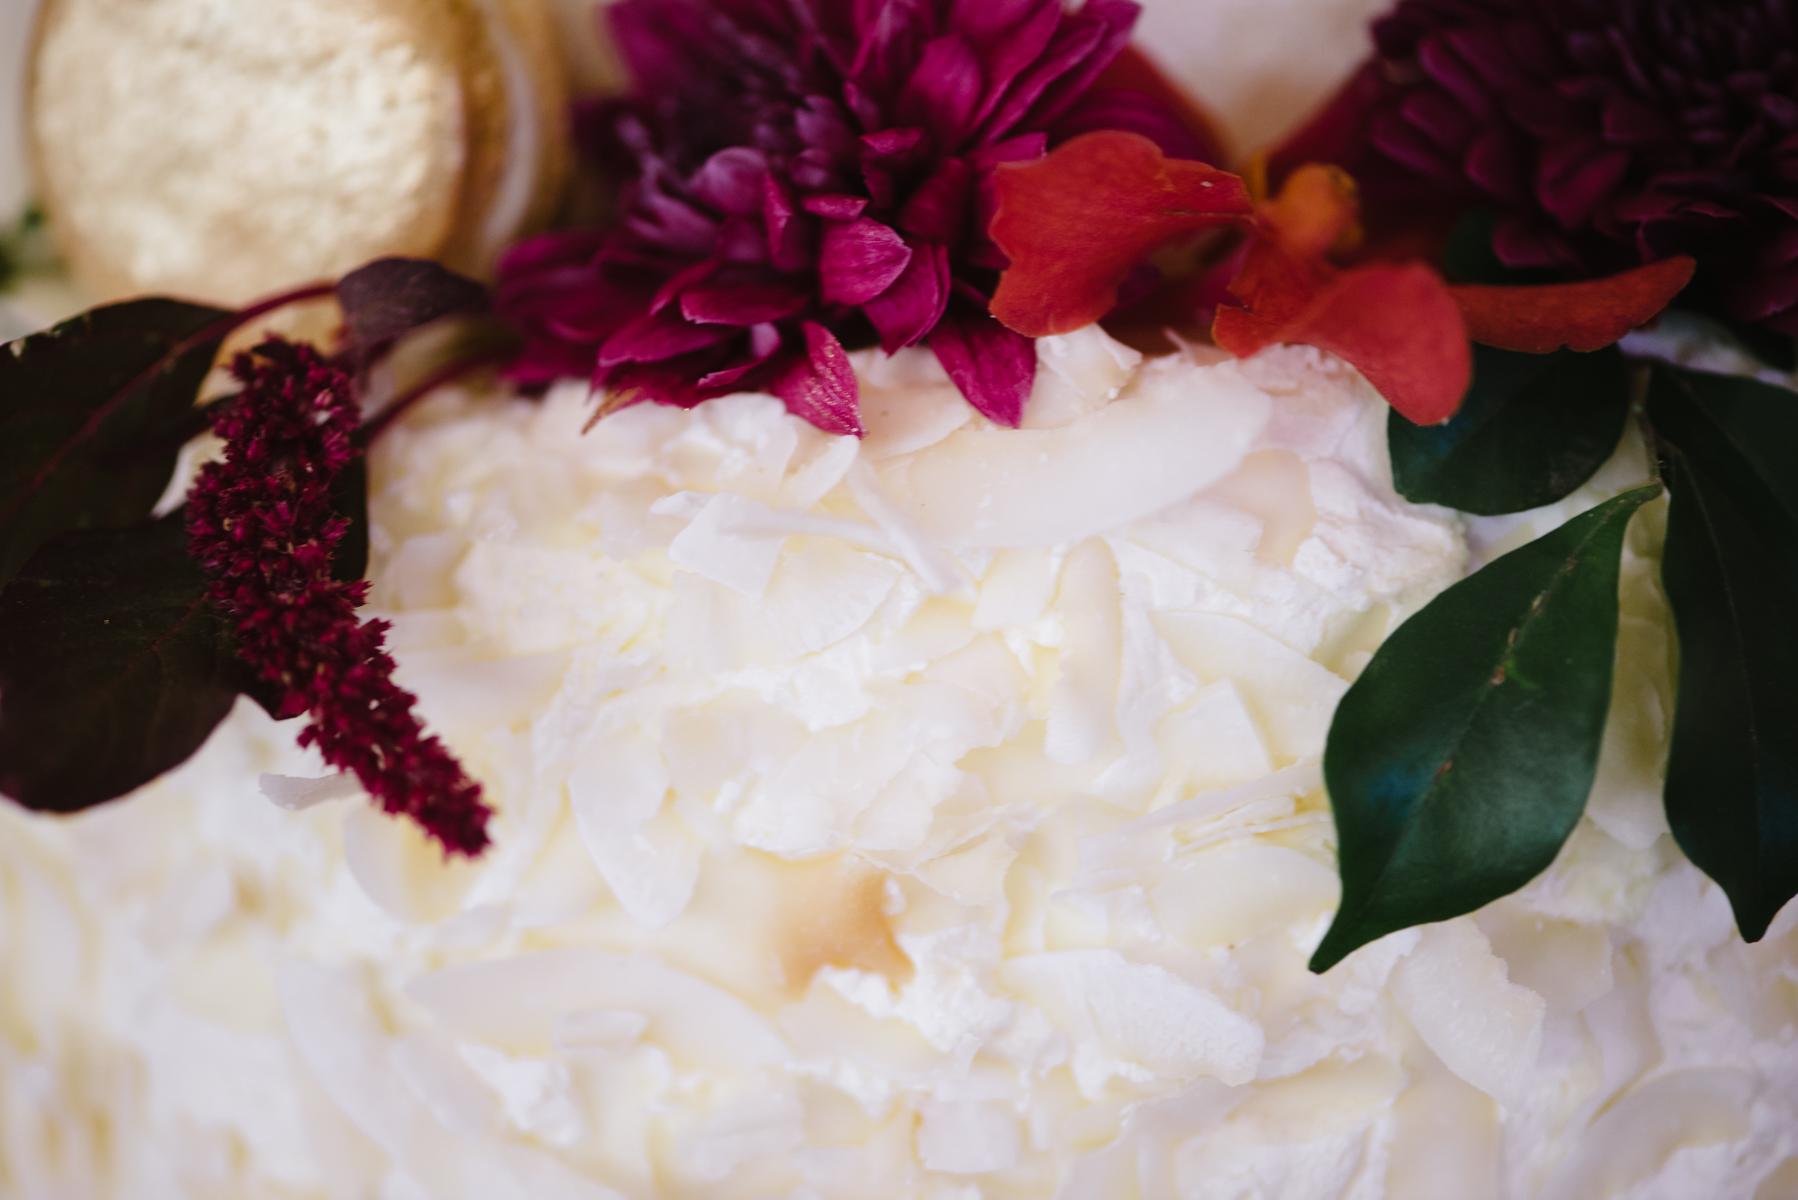 babalou-wedding- skyla sage photography weddings, families, byron bay,tweed coast,kingscliff,cabarita,gold coast-76.jpg